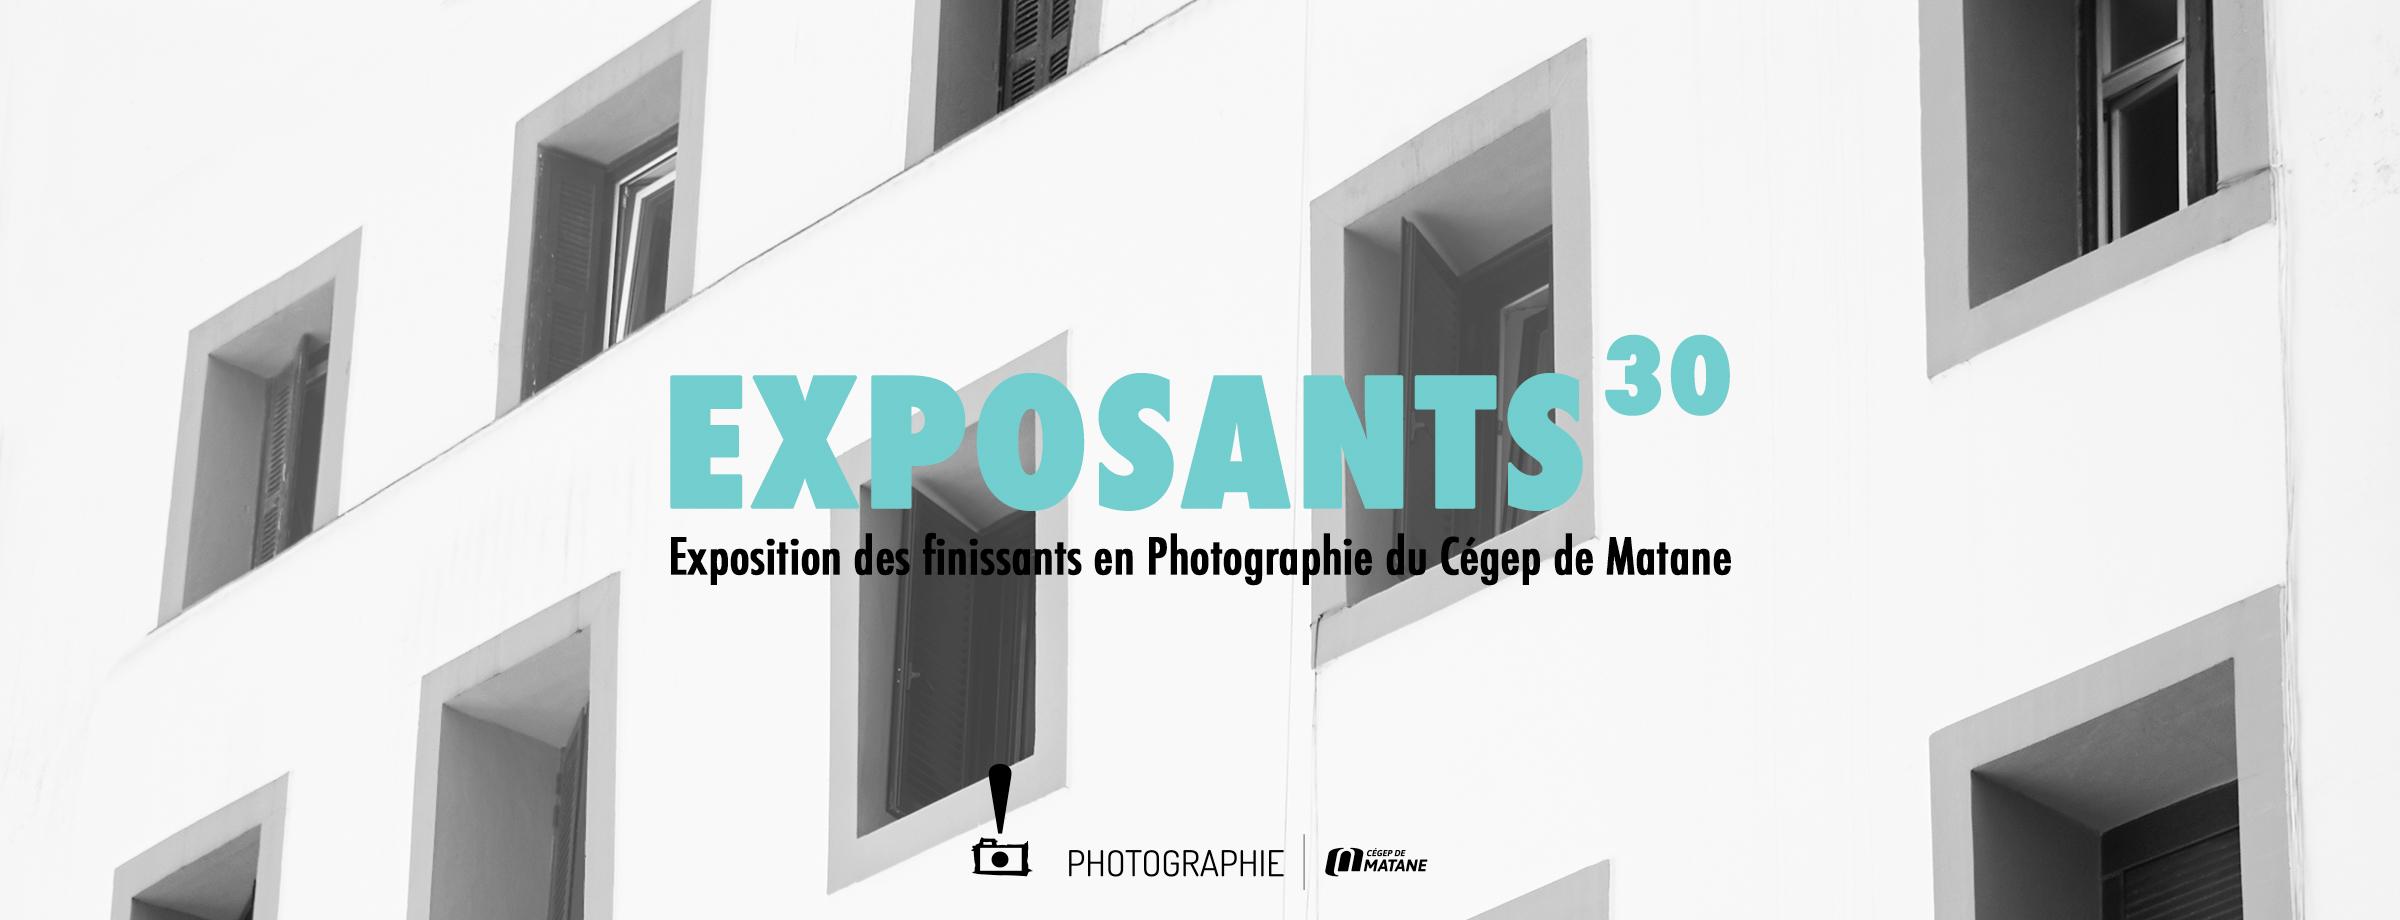 Visuel expo photo